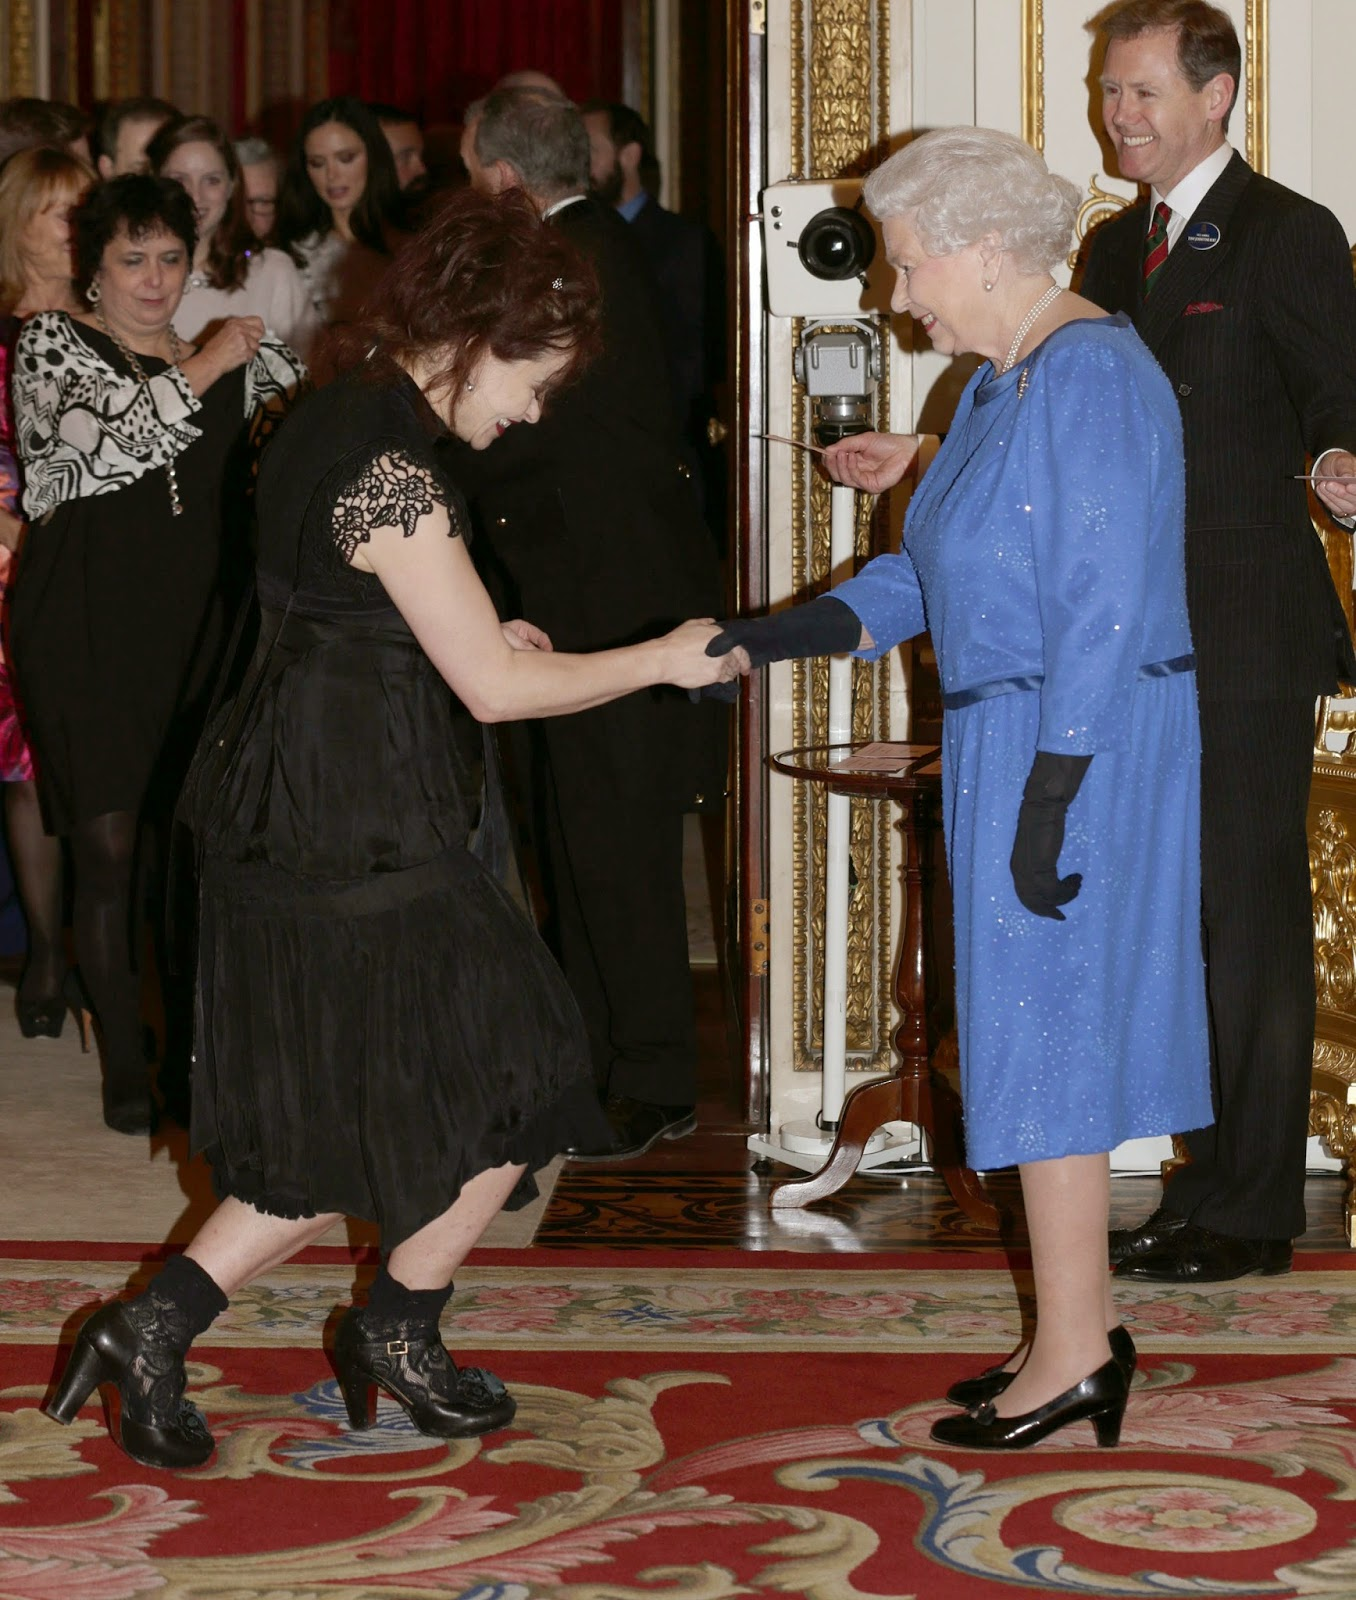 Мечтата на всеки новоизлюпен благородник е да бъде представен на кралица Елизабет II=